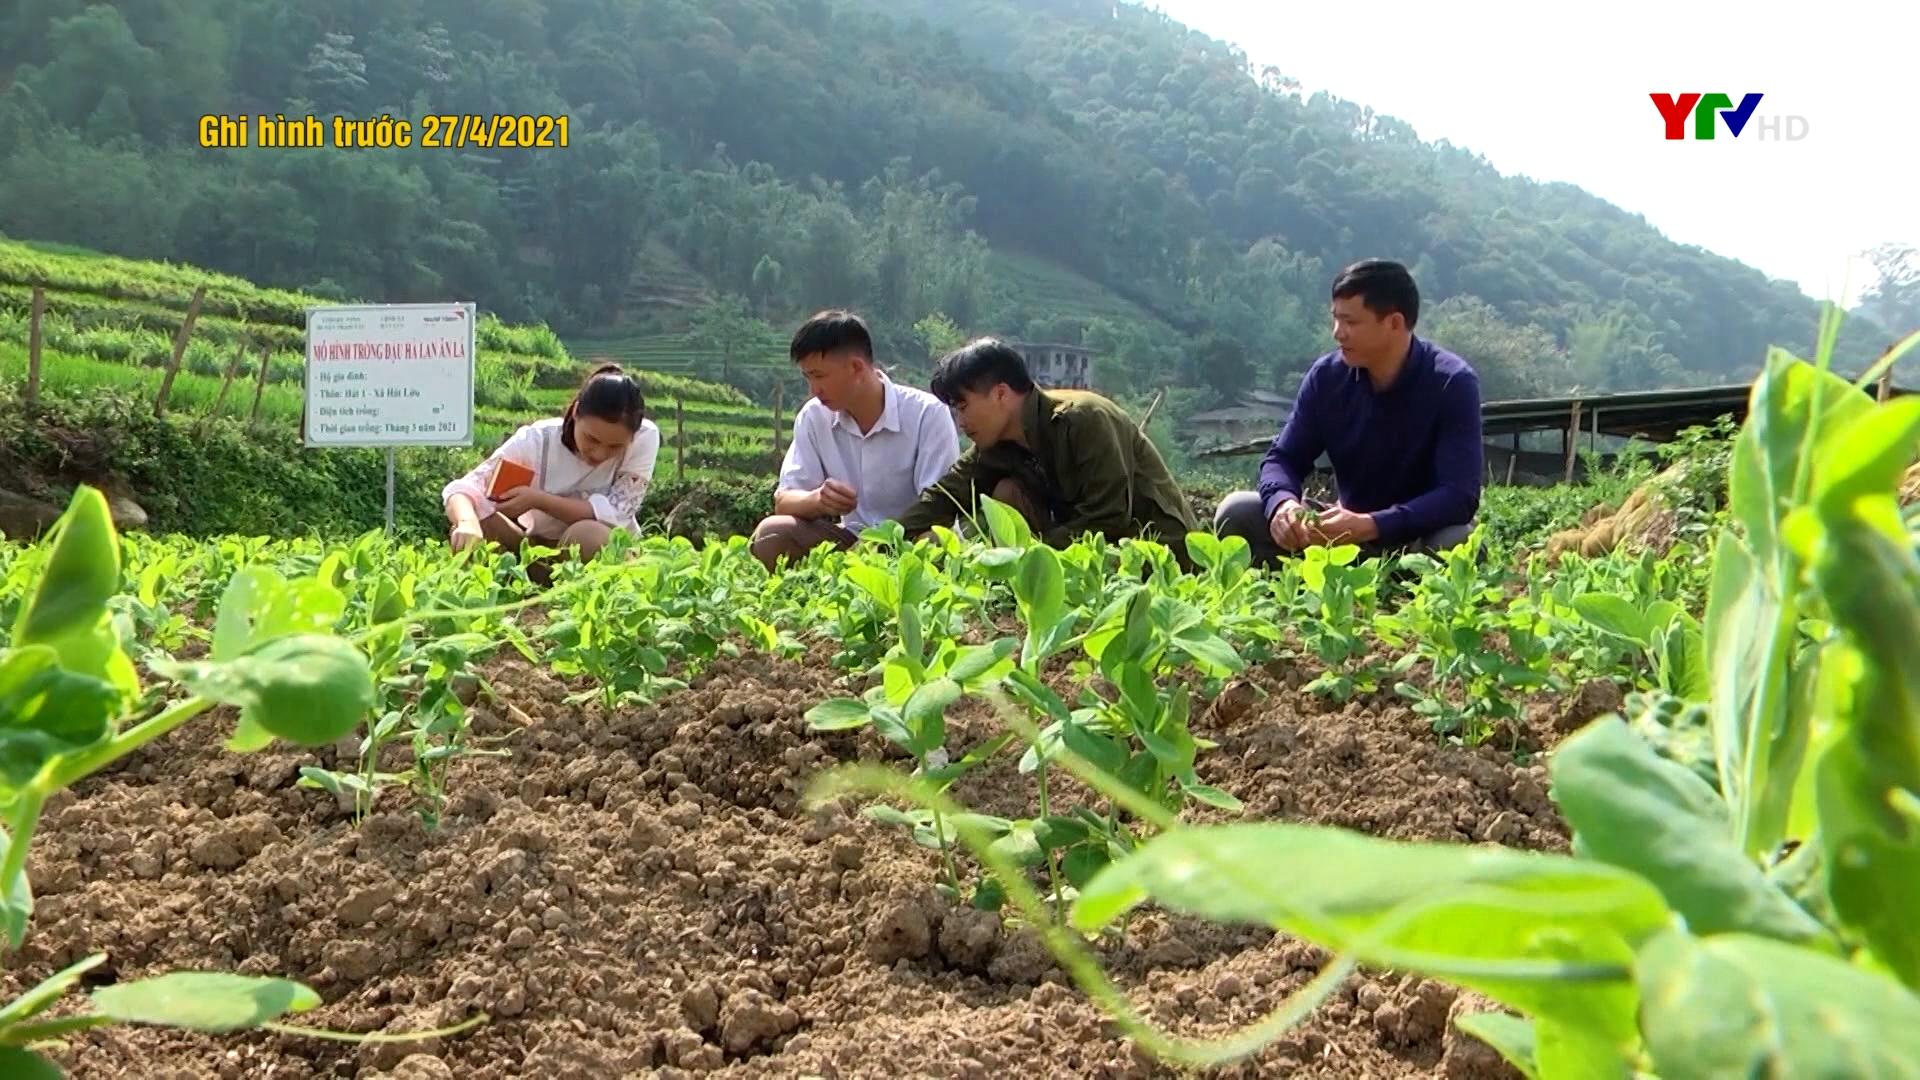 Hiệu quả chính sách hỗ trợ nông nghiệp ở vùng cao Trạm Tấu